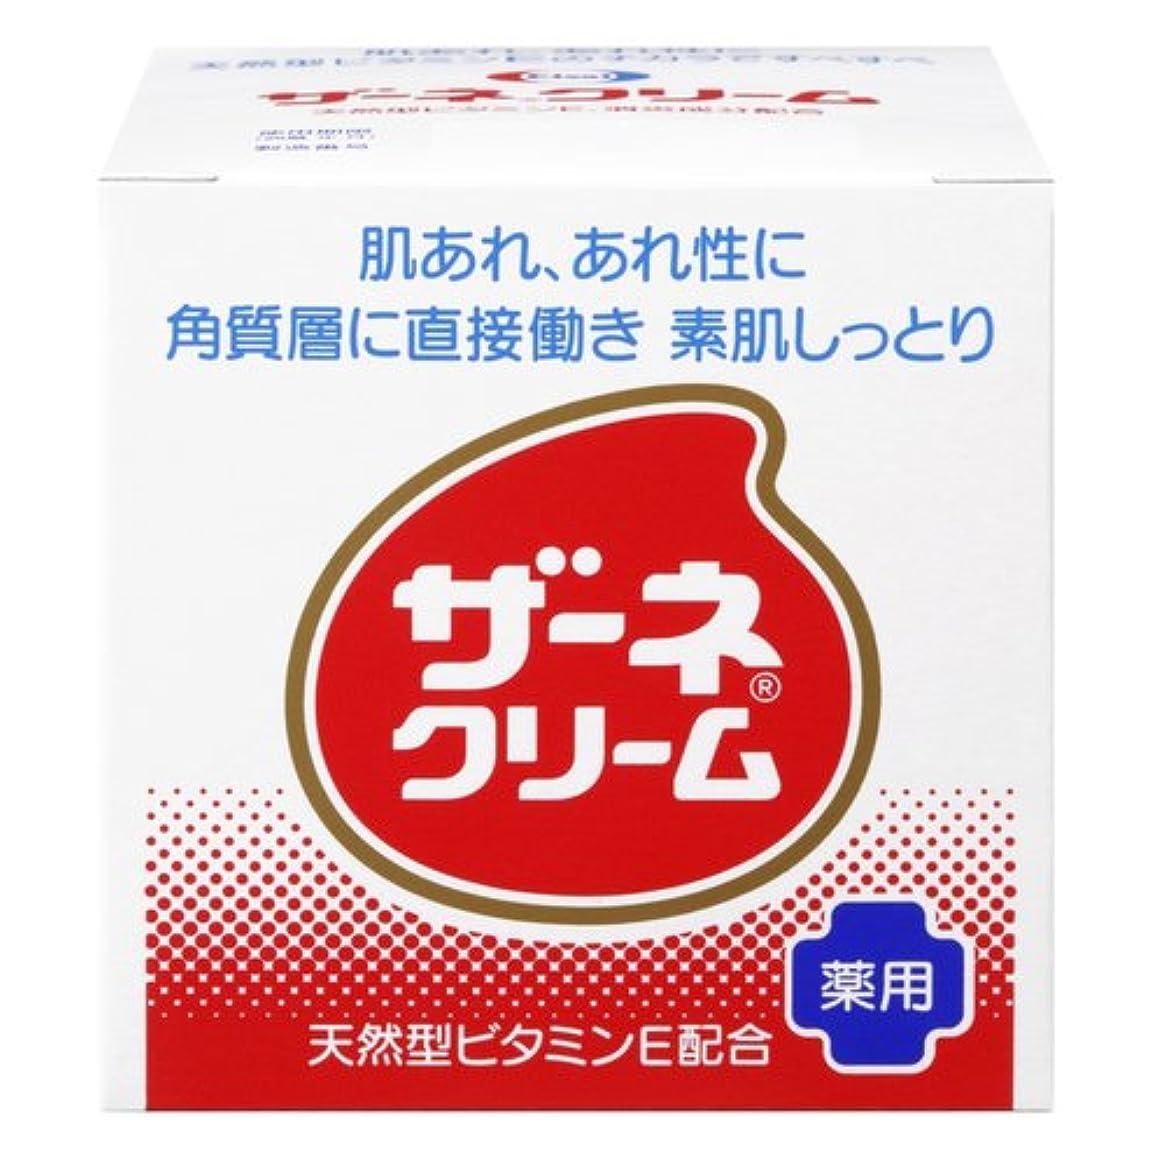 キャメル受粉者神社ザーネクリーム 115g [ヘルスケア&ケア用品]